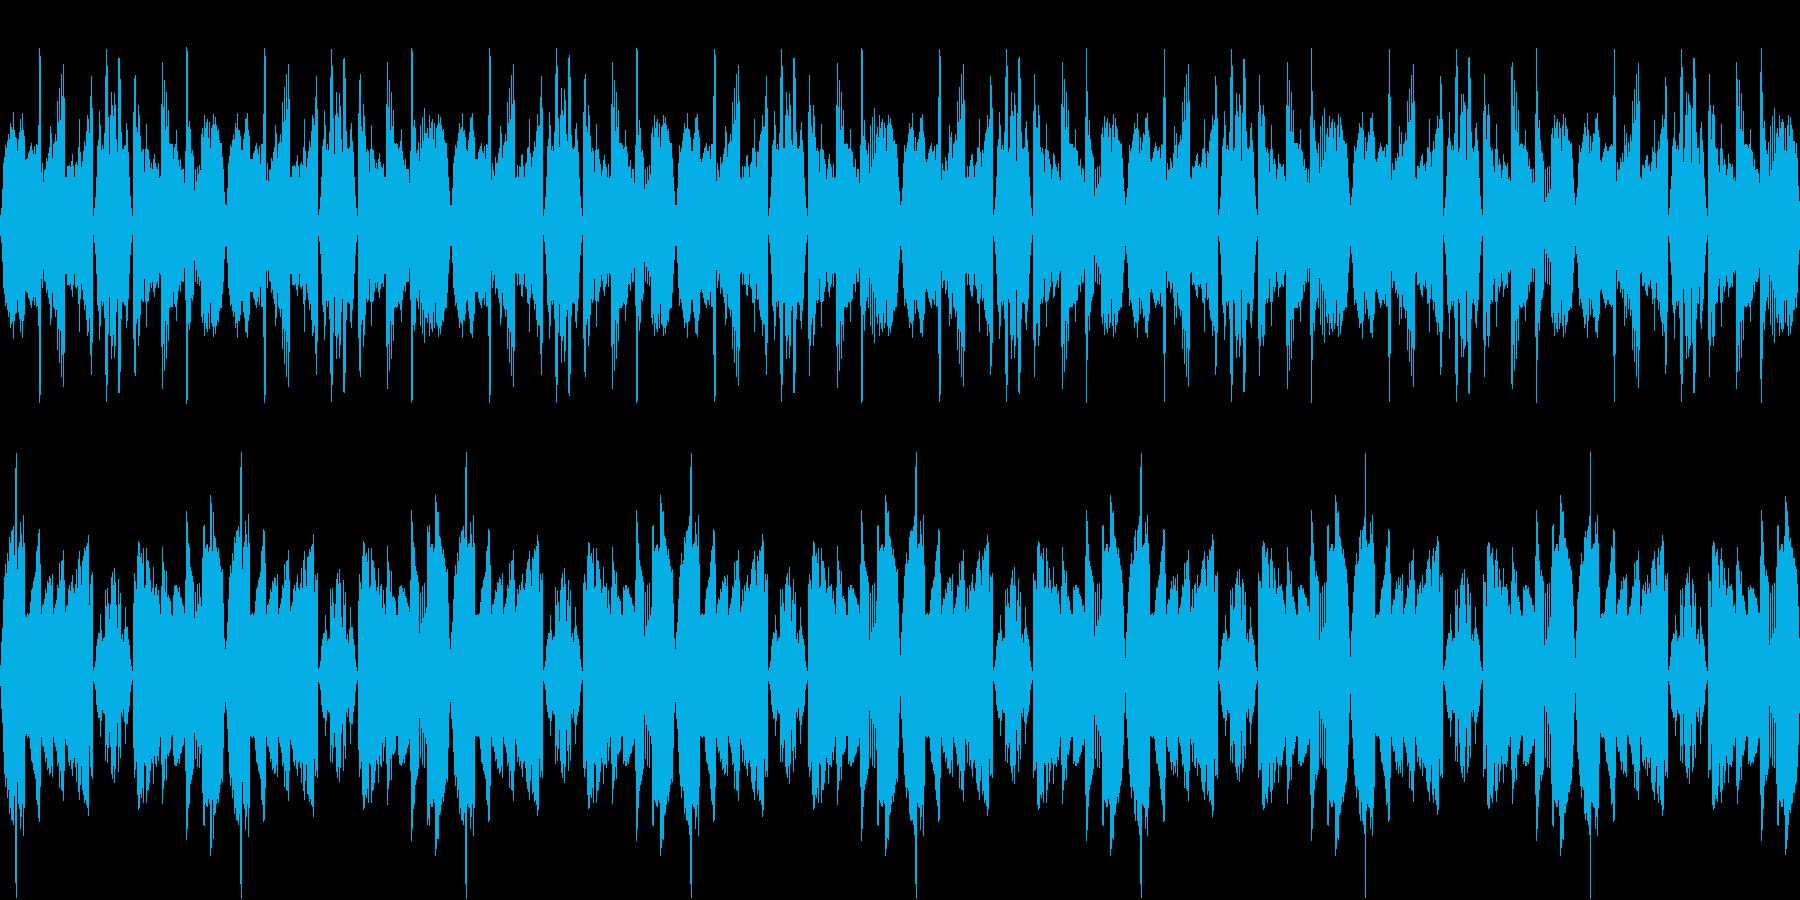 【不穏・悲しげなピアノ】の再生済みの波形